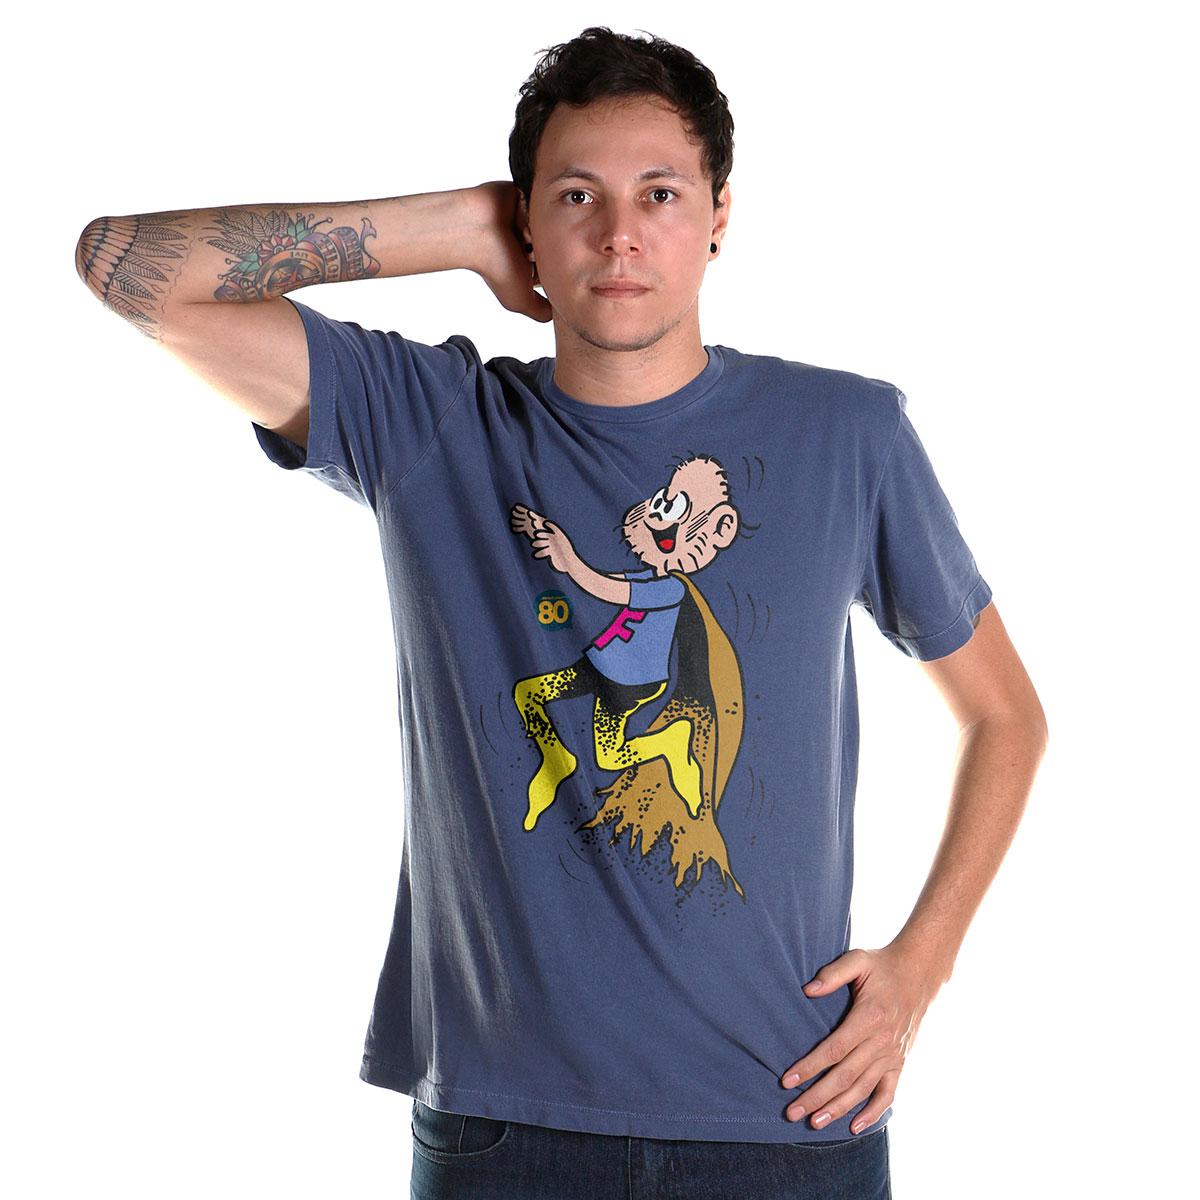 T-shirt Premium Masculina Turma da Mônica Capitão Feio